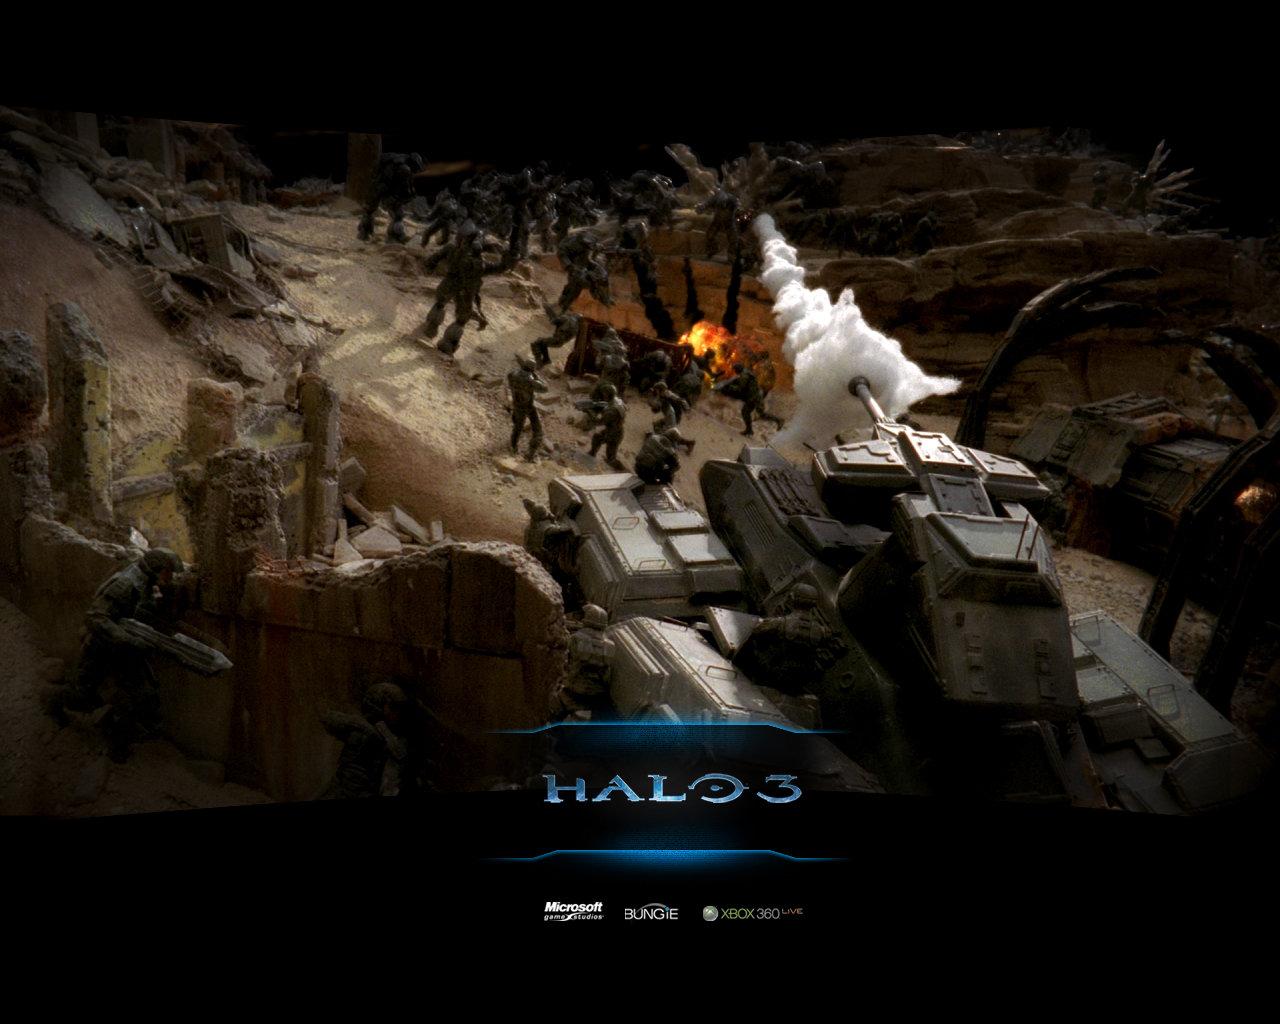 Halo 3 Wallpapers 1280x1024 Desktop Backgrounds